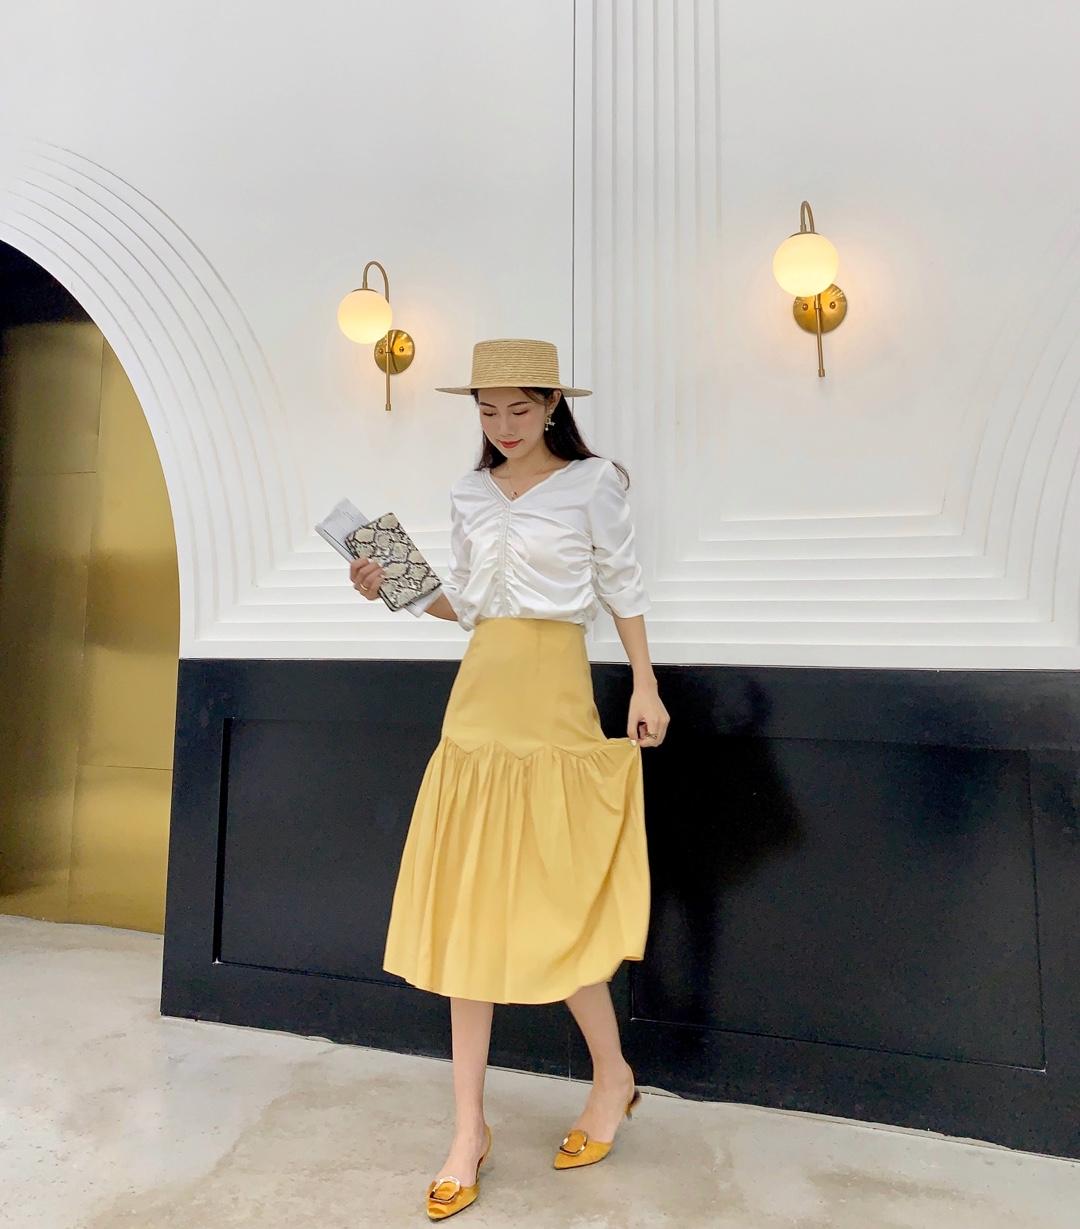 #日常时髦经:舒服最重要!# 今年流行黄色哦  给人很舒服的姜黄色  颜色穿着很显白呀 好搭配衣服 黄色给人眼前一亮的感觉 回头率100% 搭配起来简单大方哦~ 裙子穿着很显瘦呀 长短也刚刚好